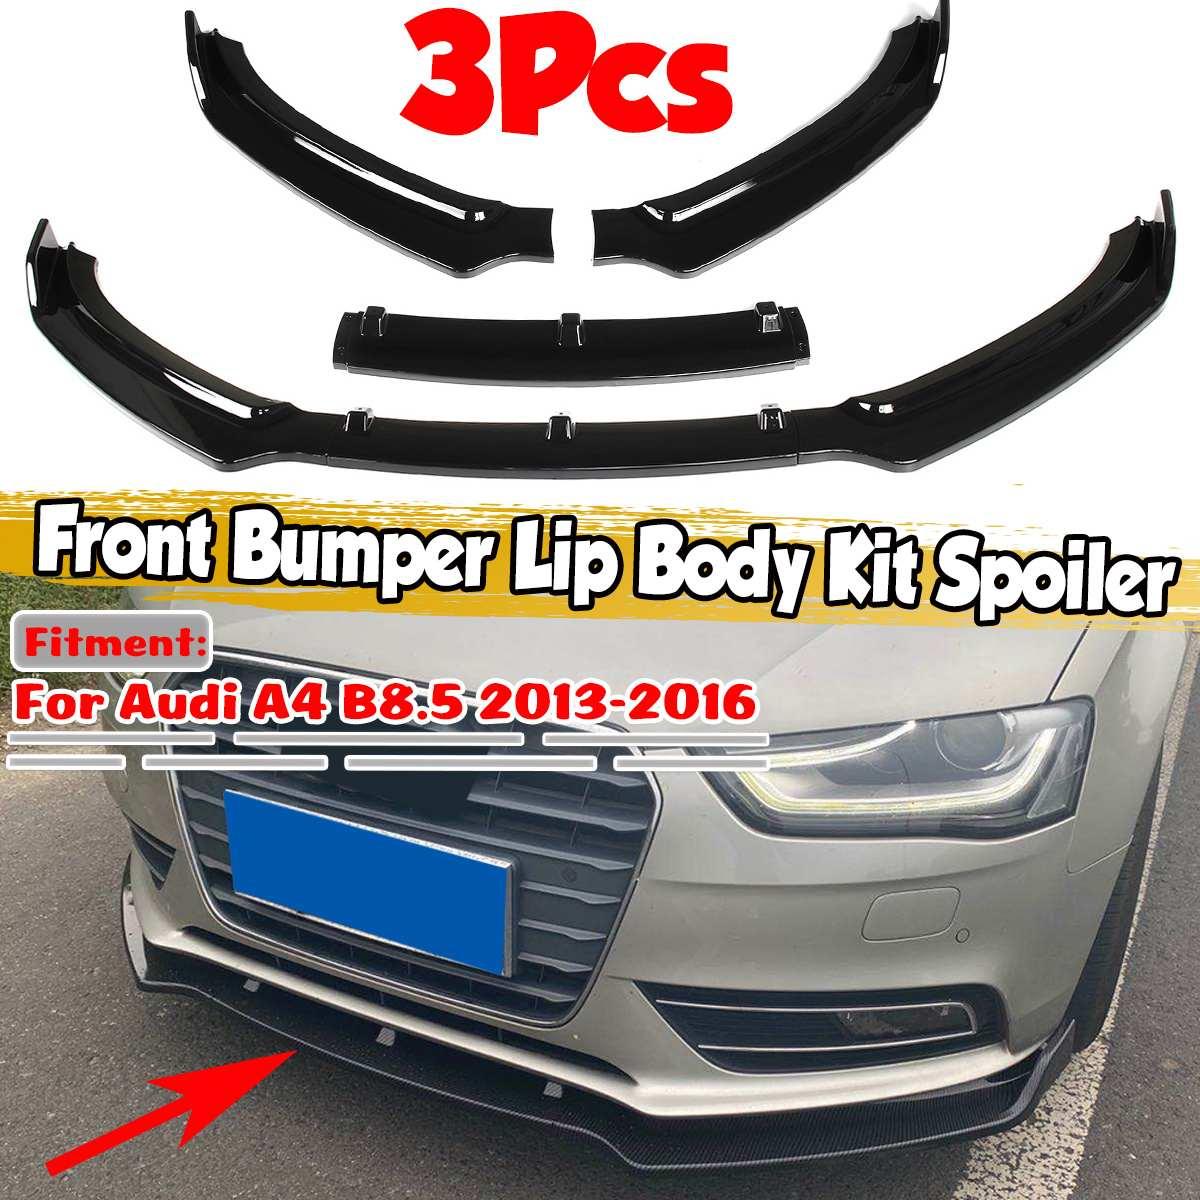 Novo 3 pçs a4 b8.5 amortecedor dianteiro do carro splitter spoiler difusor protetor corpo kit spoiler para audi a4 b8.5 2013 2014 2015 2016|Amortecedores|   -